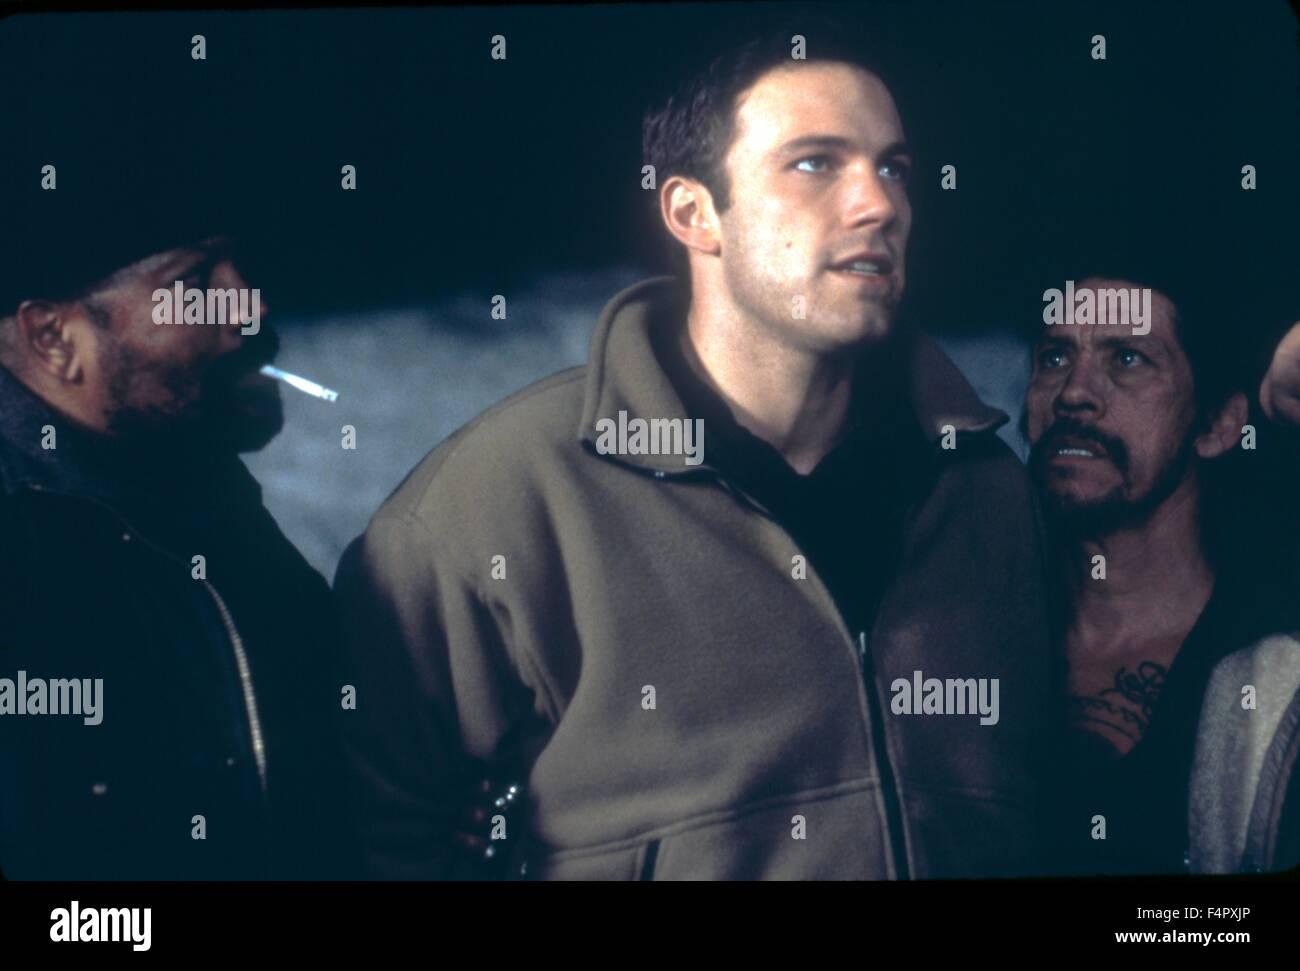 Clarence Williams III, Ben Affleck et Danny Trejo / Jeux de Rennes / 2000 / réalisé par John Frankenheimer Photo Stock